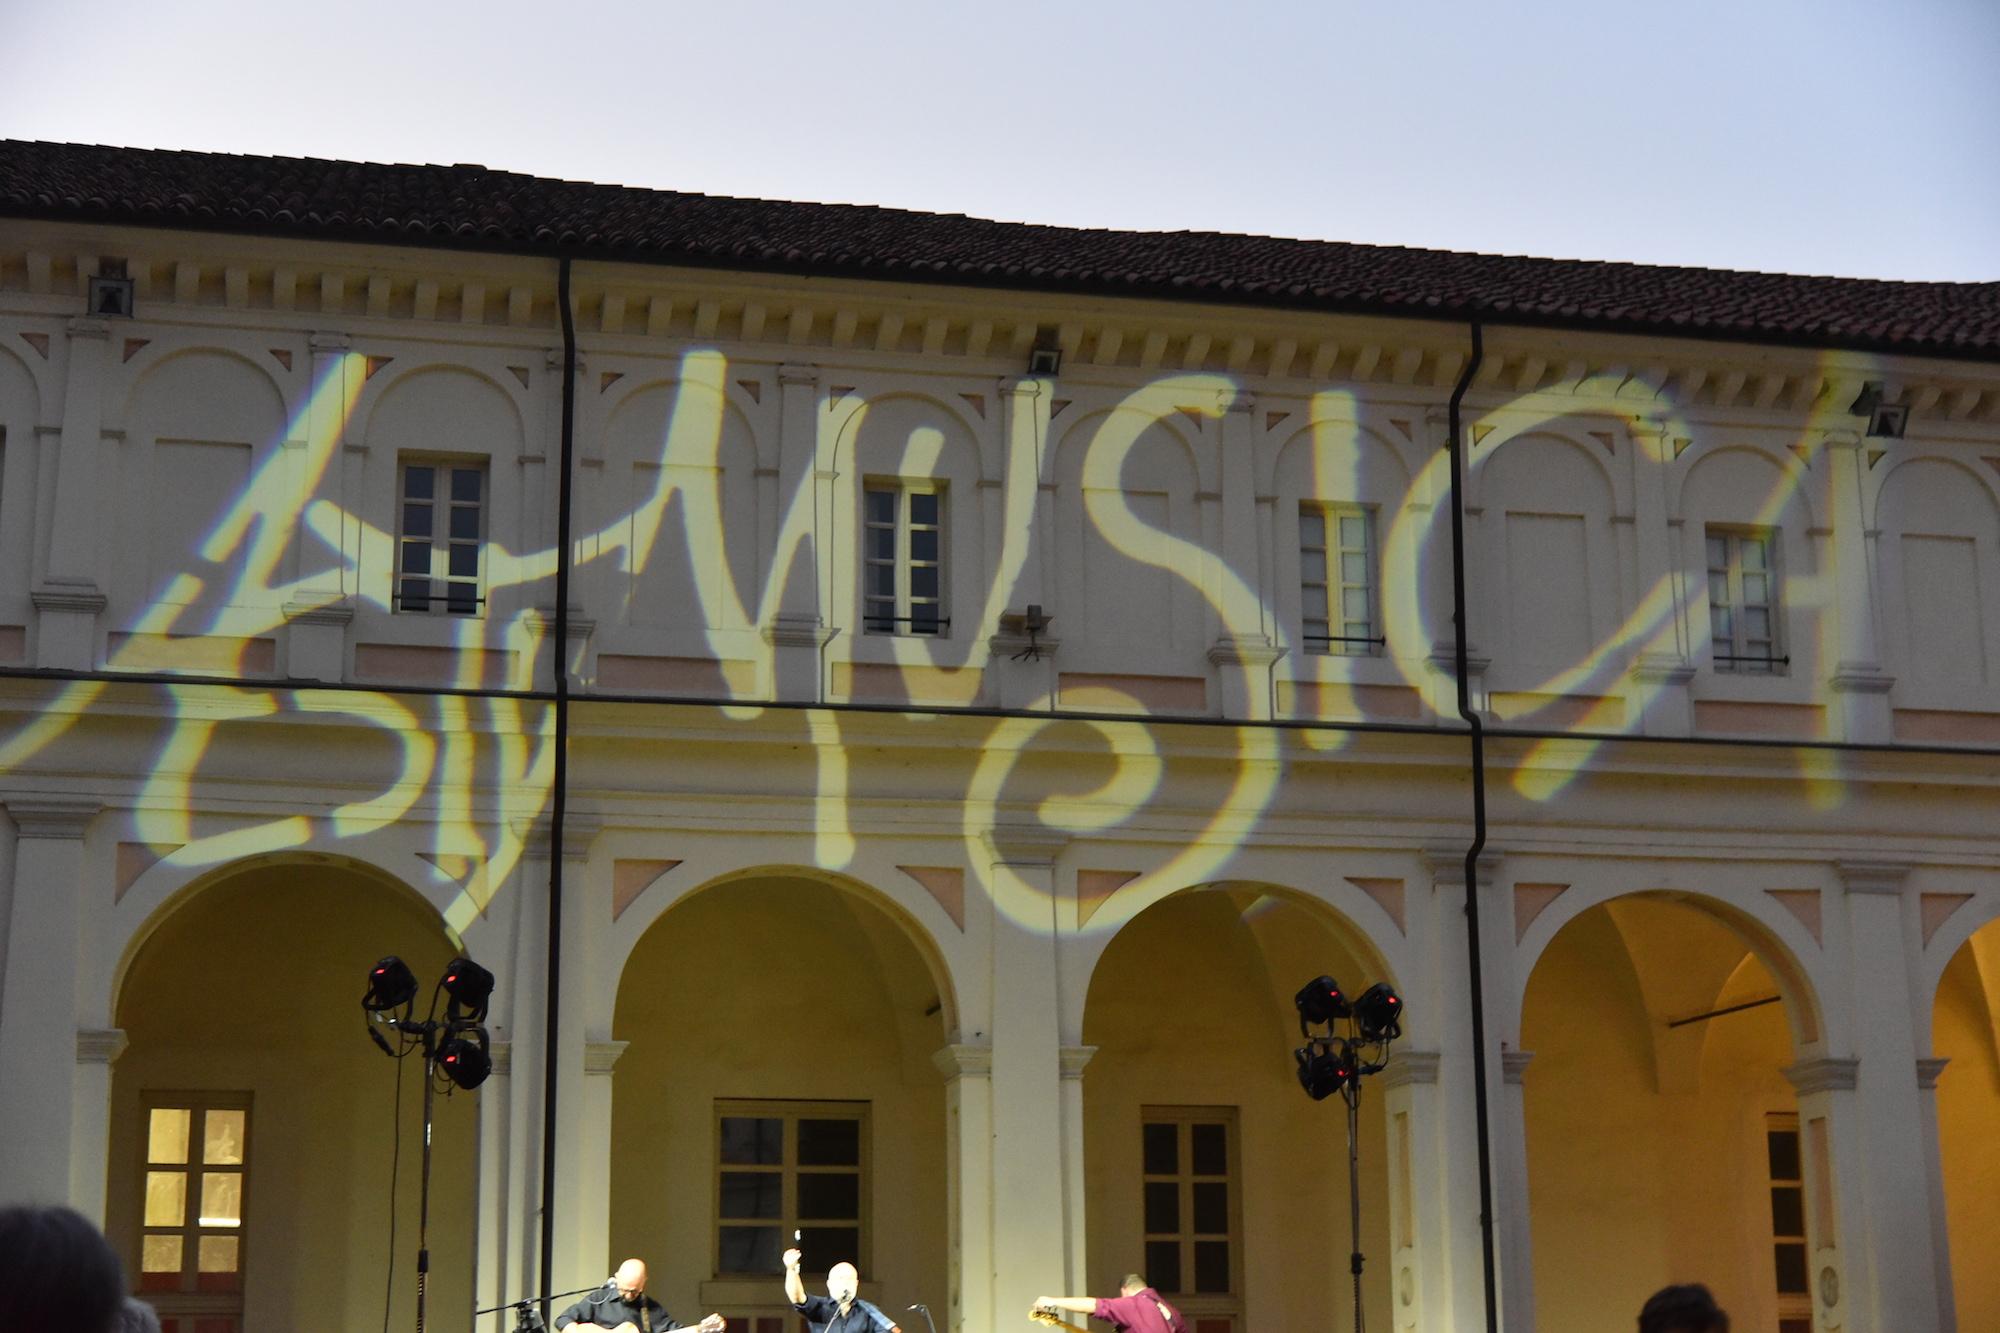 Gli Accordi Disaccordi all'anteprima di AstiMusica: la fotogallery